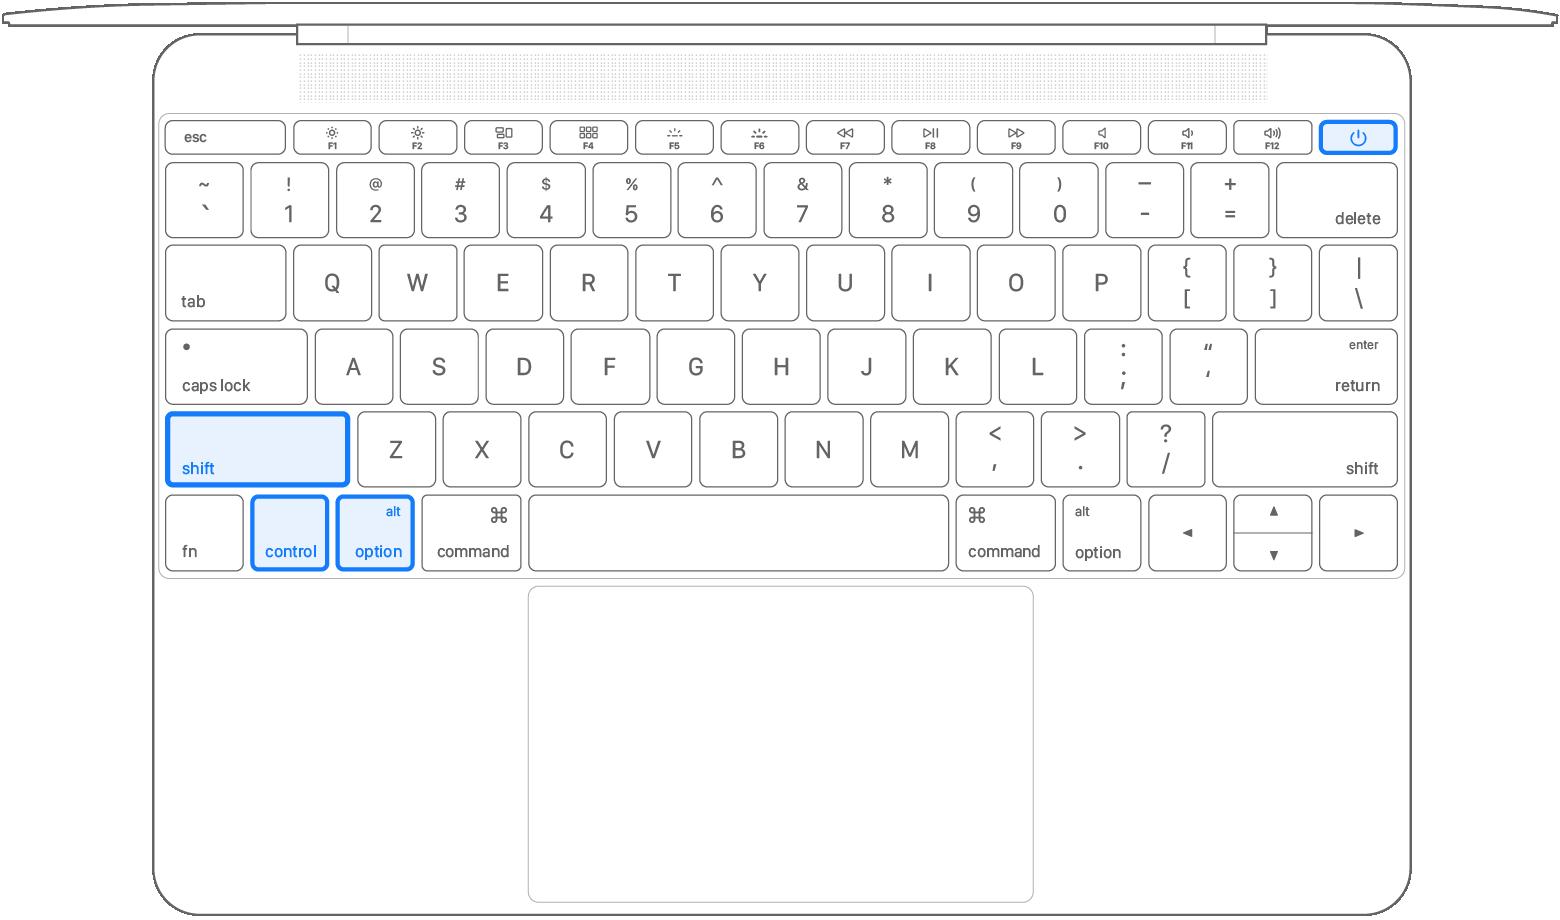 已按下所有 4 个按键的笔记本电脑键盘